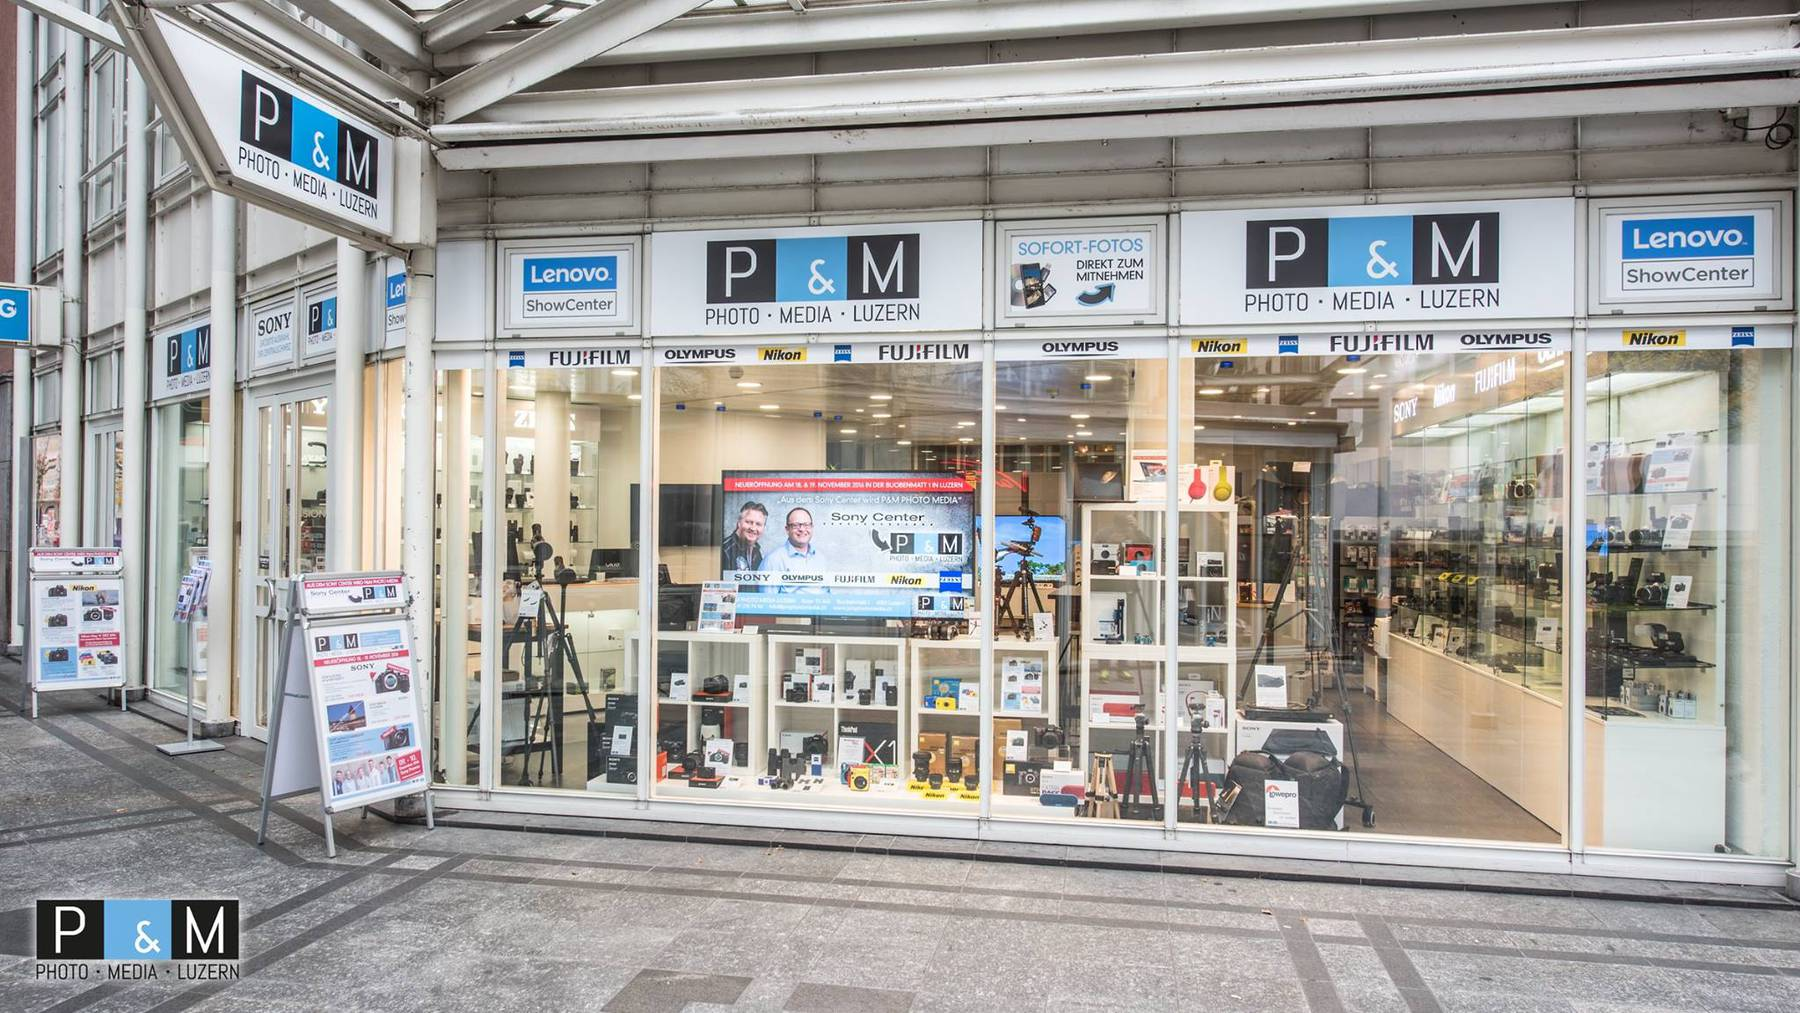 Vernetzt: Aus dem Sony Center wird P&M Photo Media